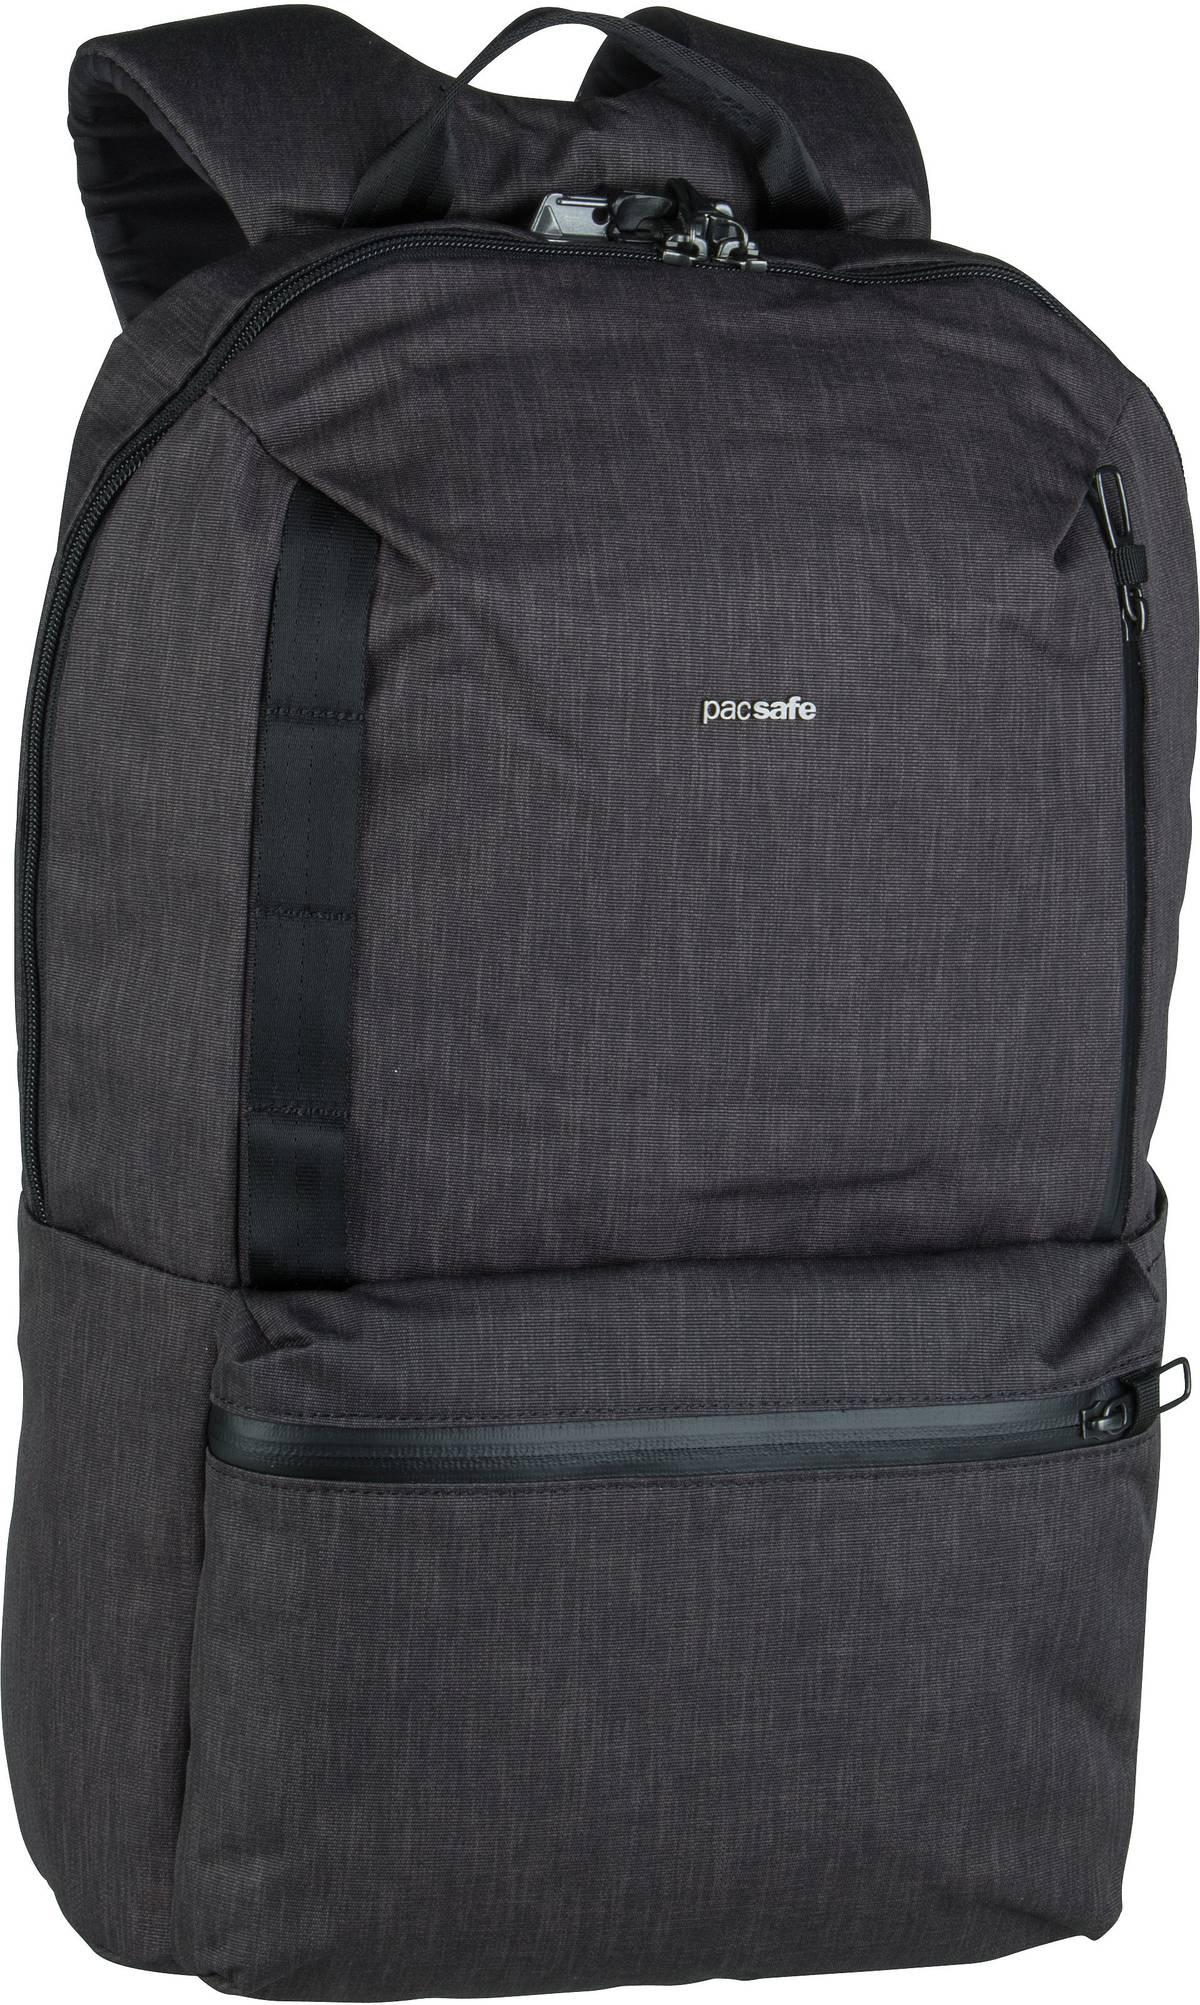 Rucksack / Daypack Metrosafe X Backpack Carbon (20 Liter)